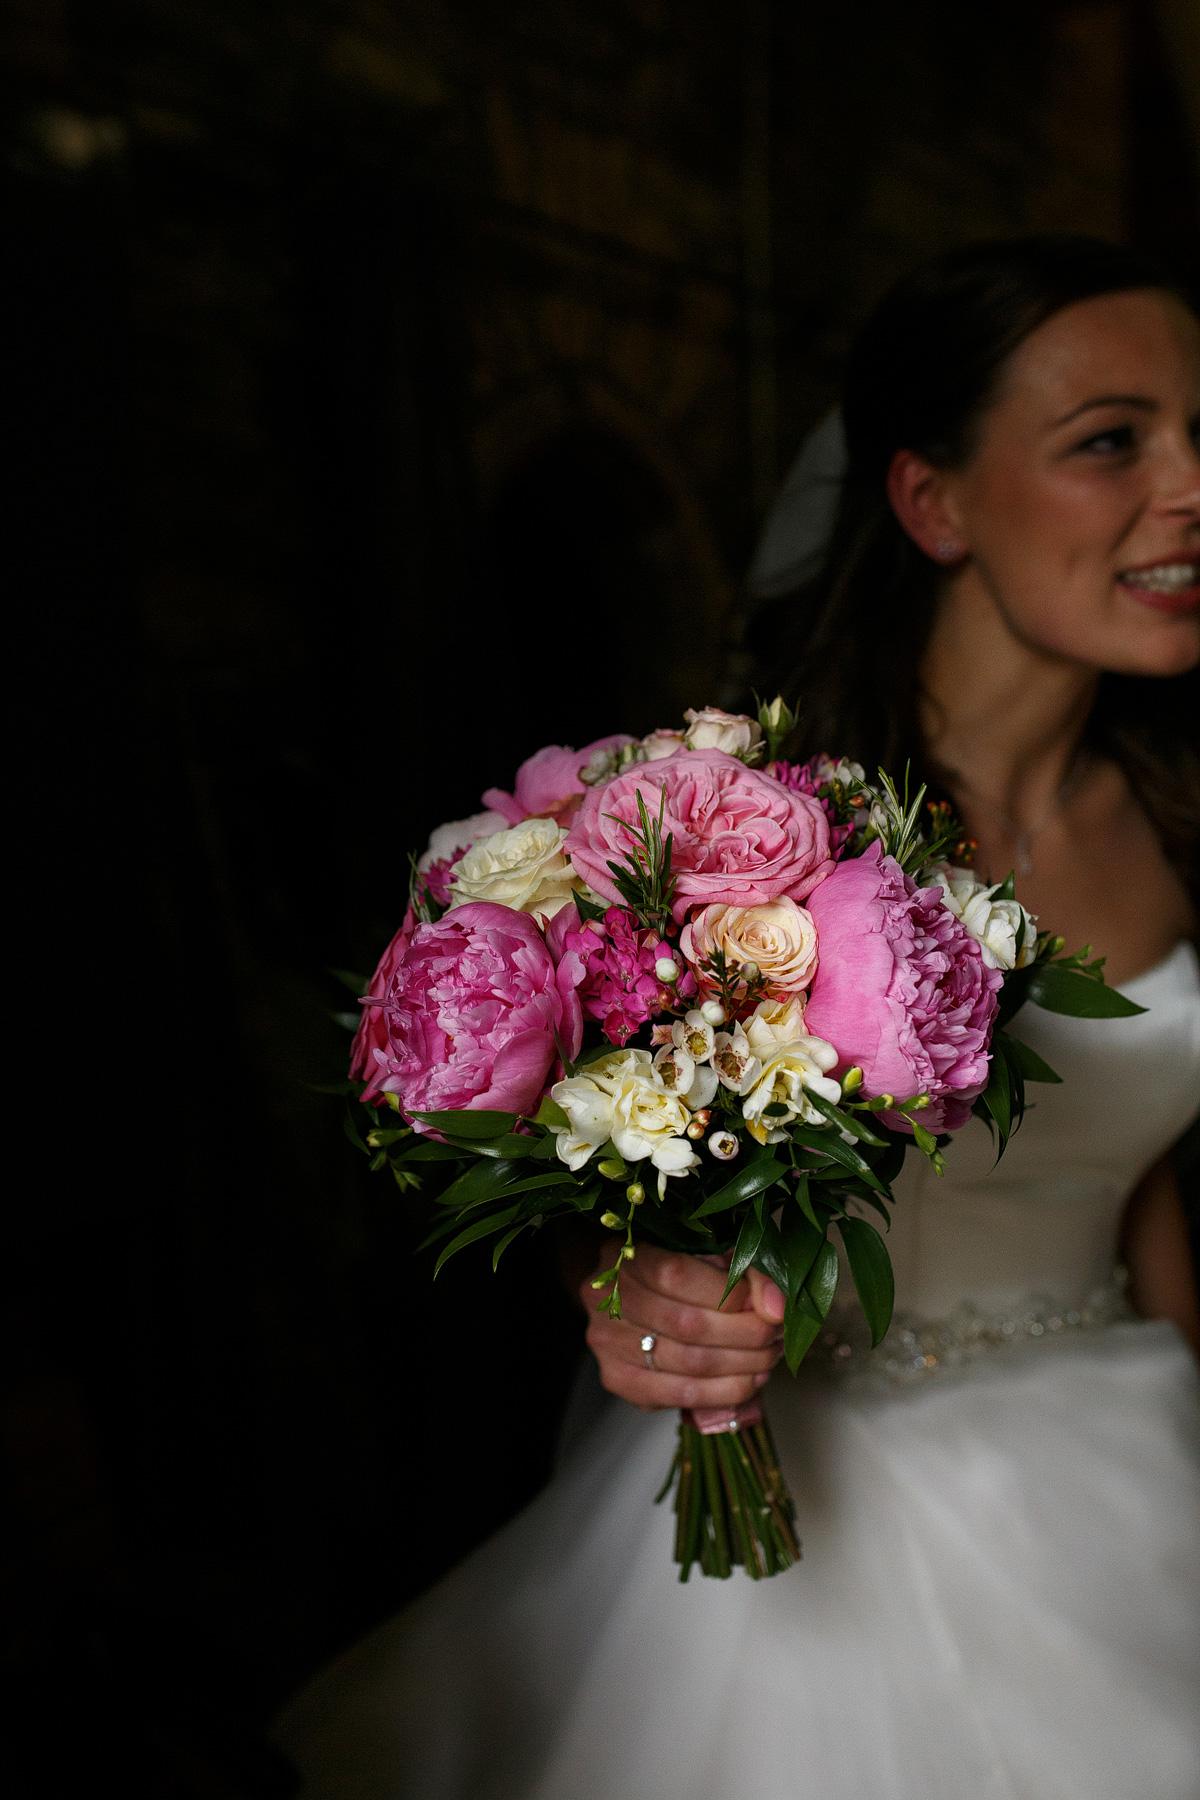 068-somerset-wedding-photographer-matt-bowen-at-the-retreat.jpg